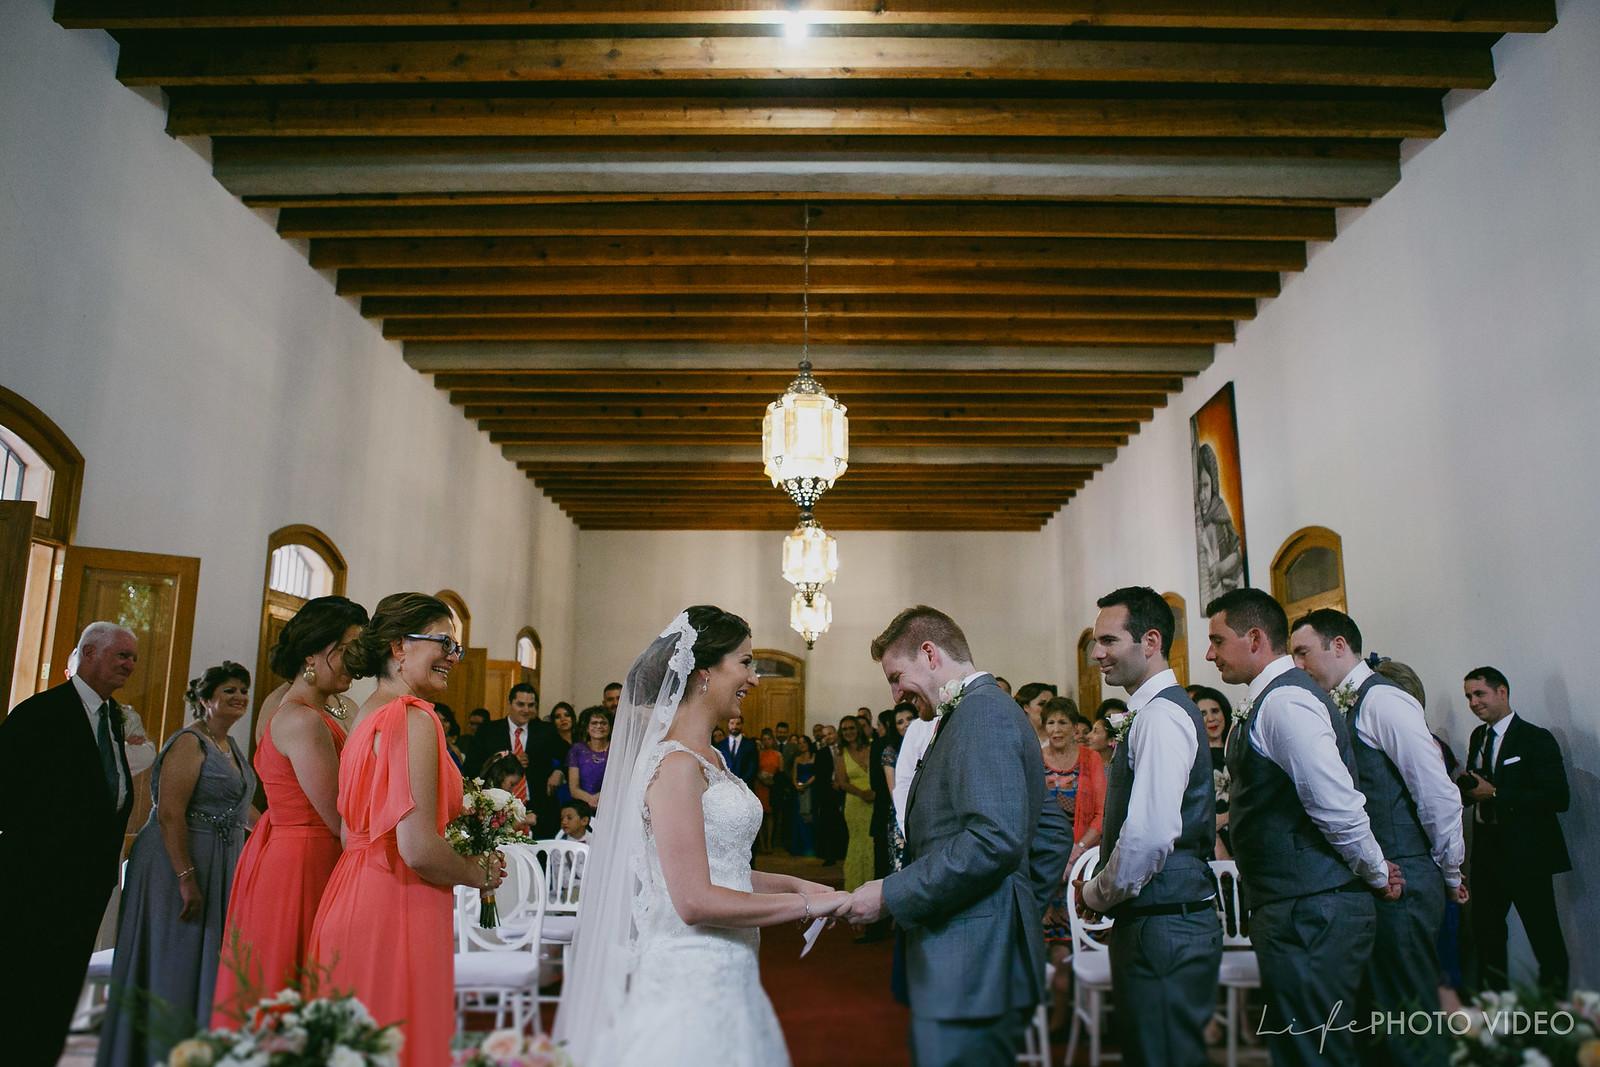 LifePhotoVideo_Boda_LeonGto_Wedding_0035.jpg